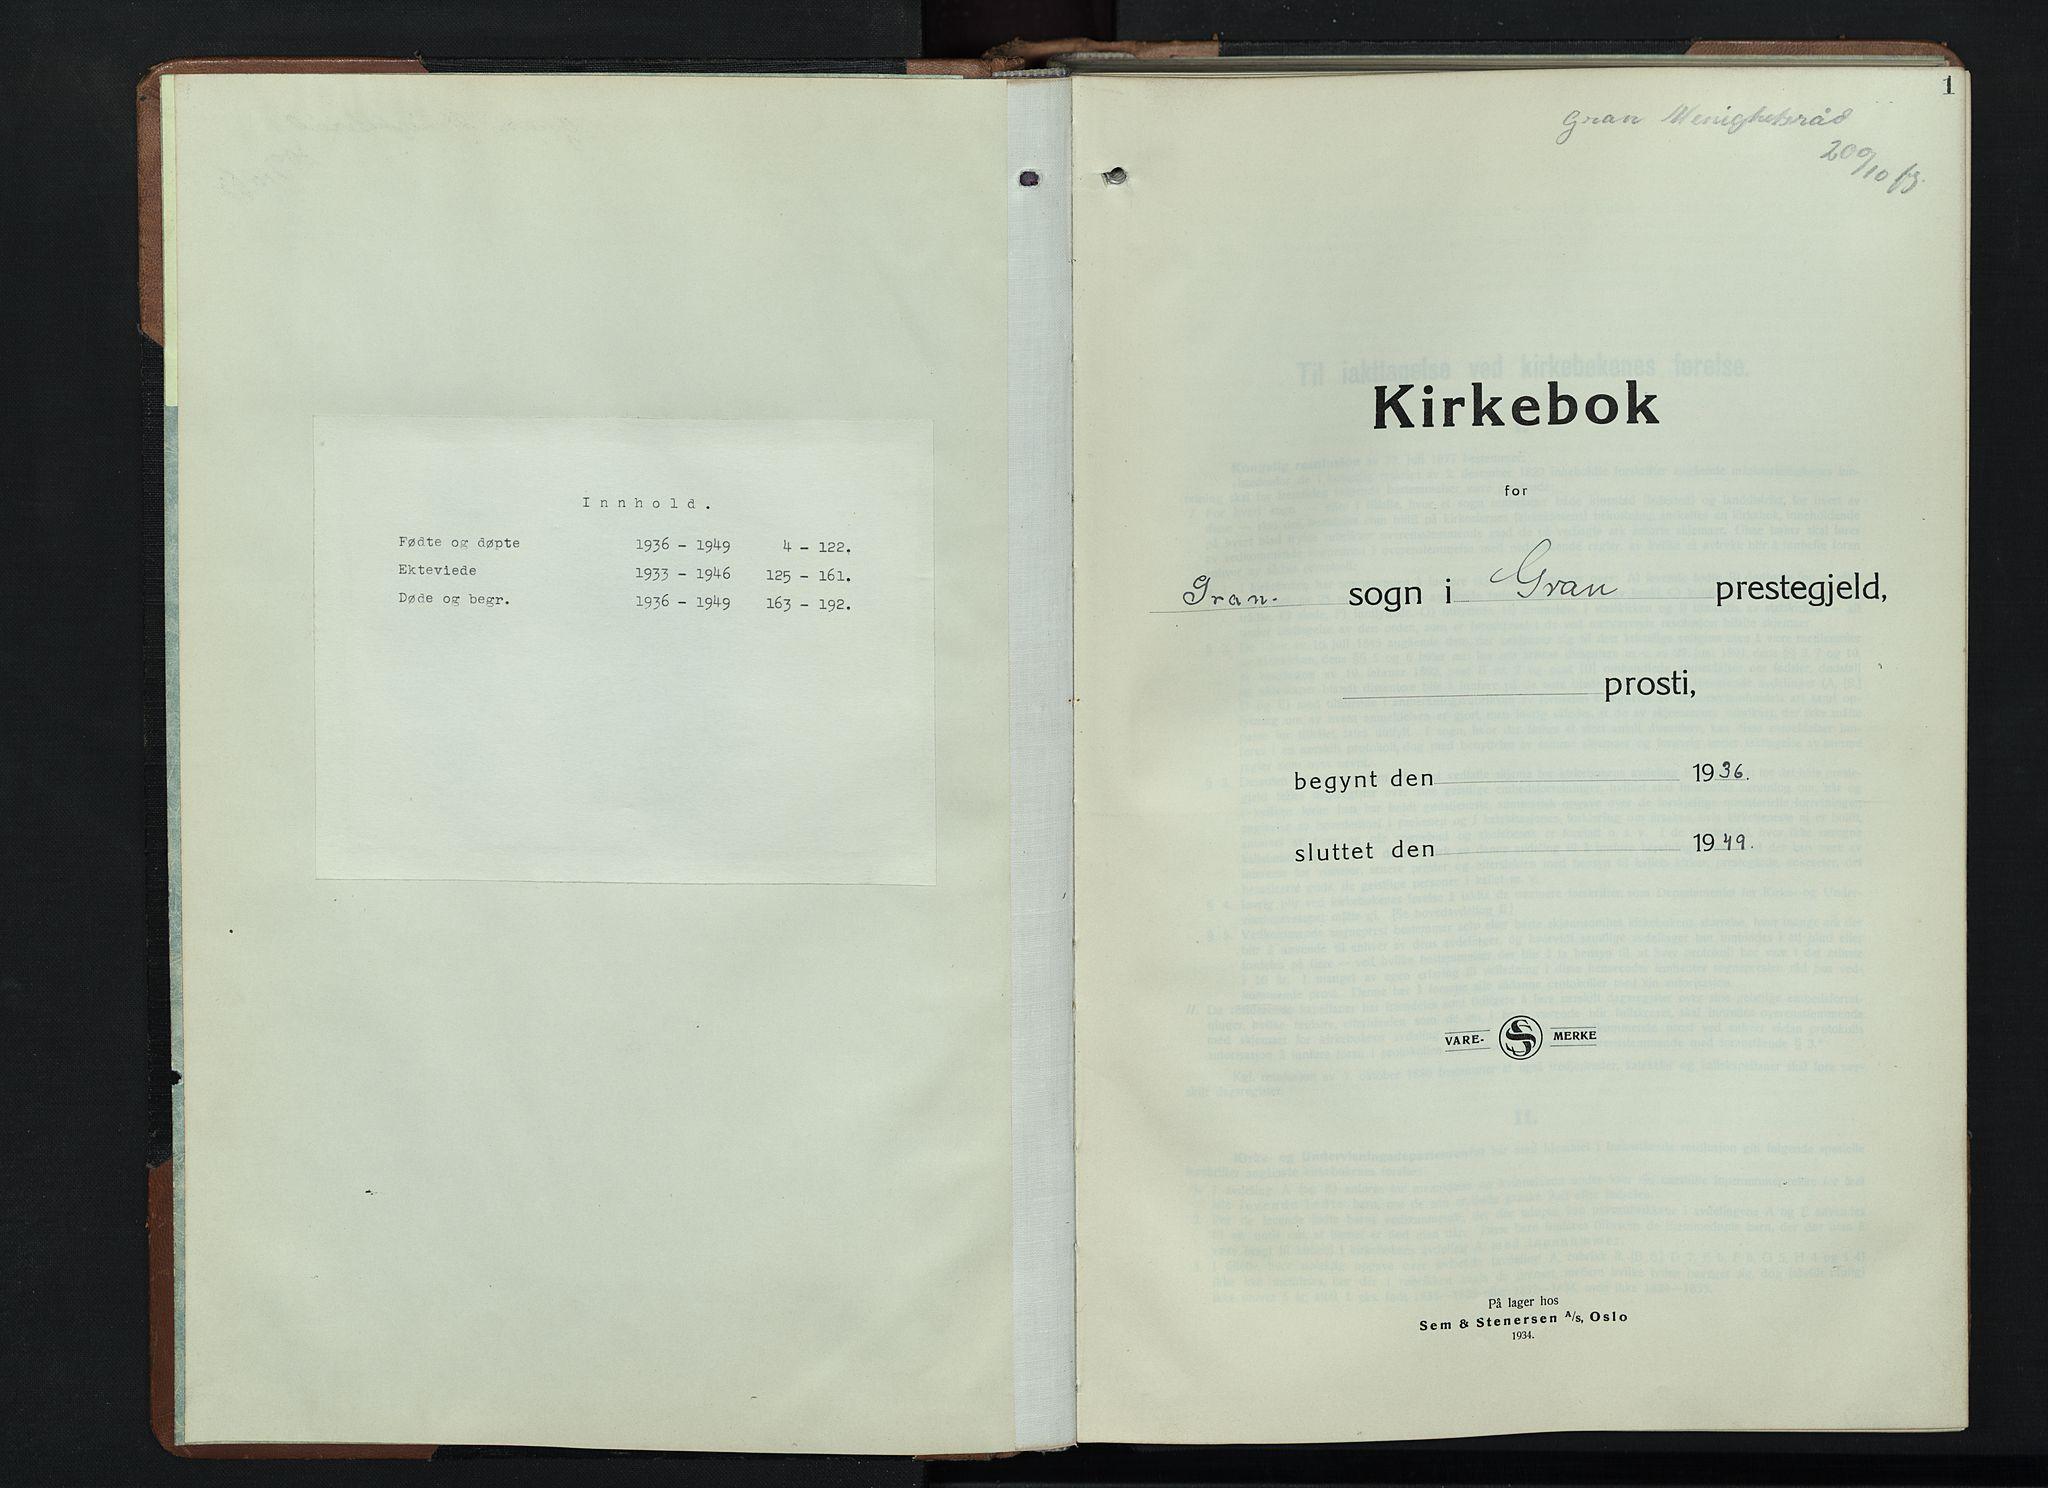 SAH, Gran prestekontor, Klokkerbok nr. 9, 1933-1950, s. 1